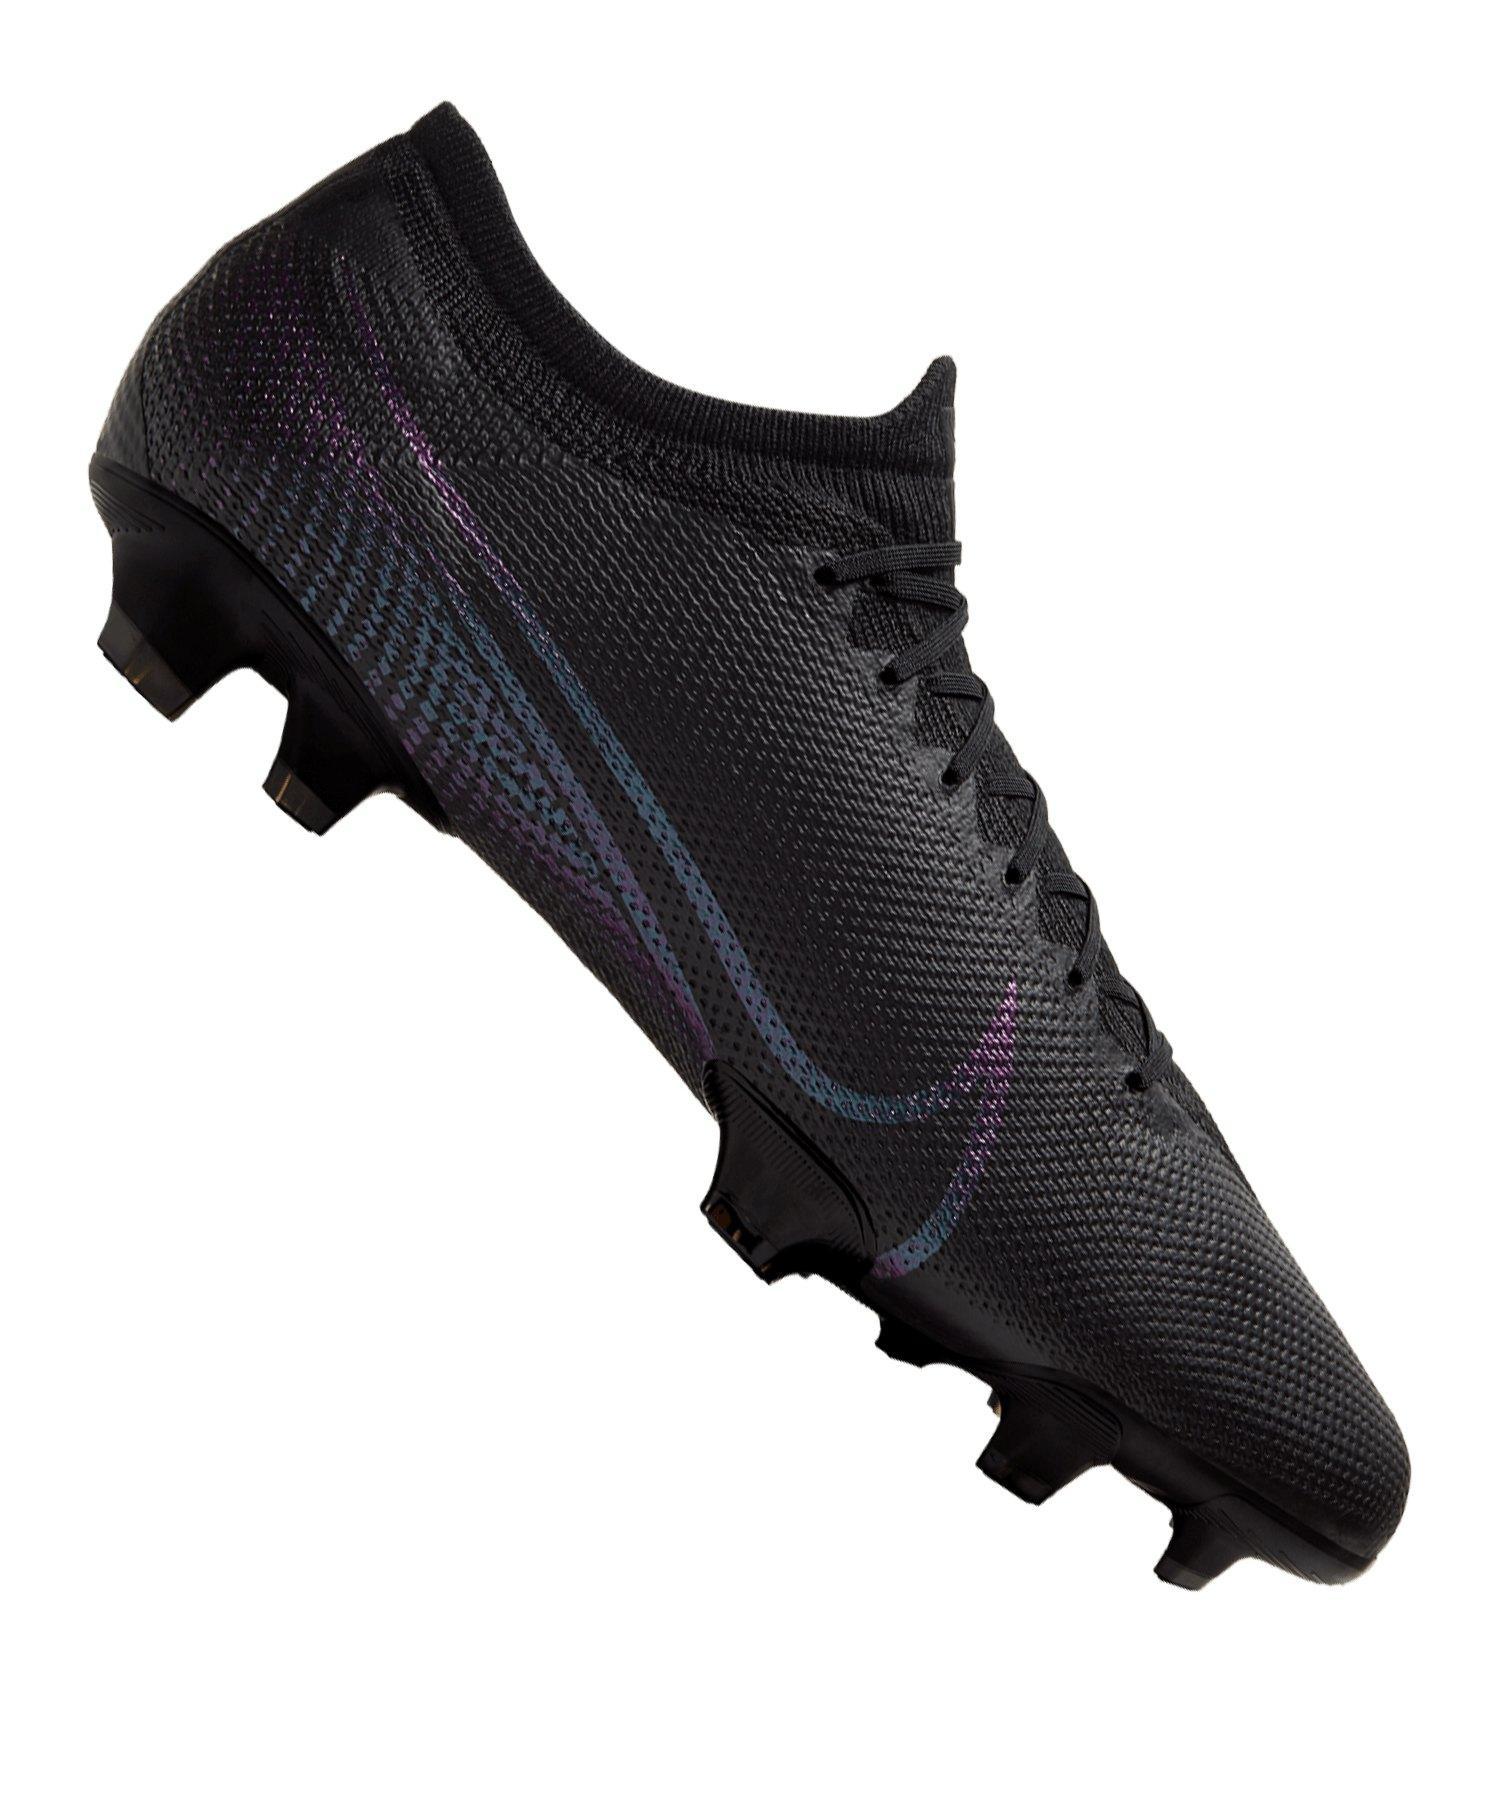 Nike Mercurial Vapor XIII Pro FG Schwarz F010 - schwarz